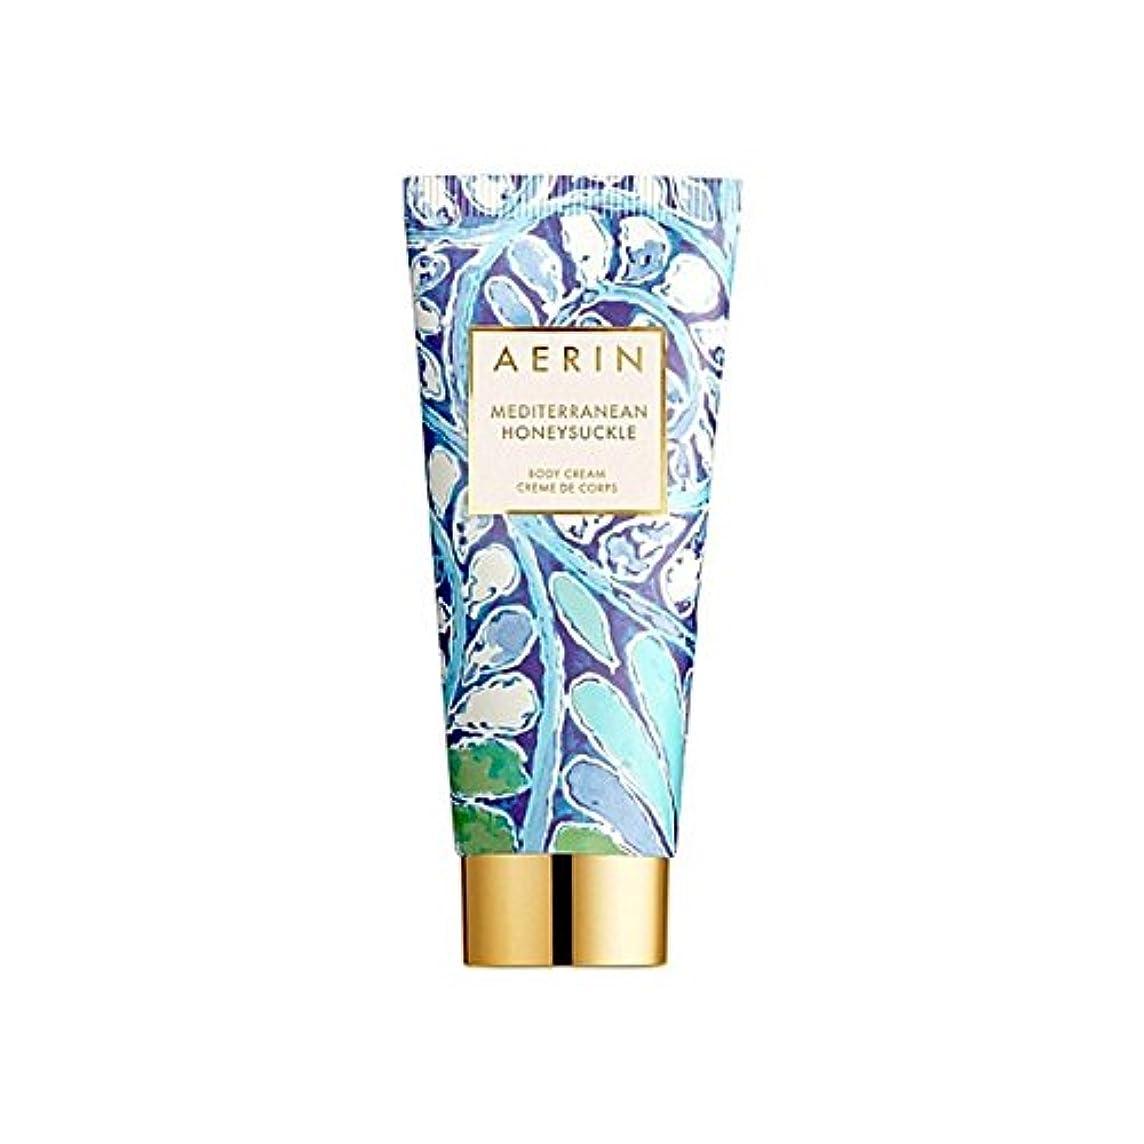 快適フィット繊細Aerin Mediterrenean Honeysuckle Body Cream 150ml - スイカズラボディクリーム150ミリリットル [並行輸入品]